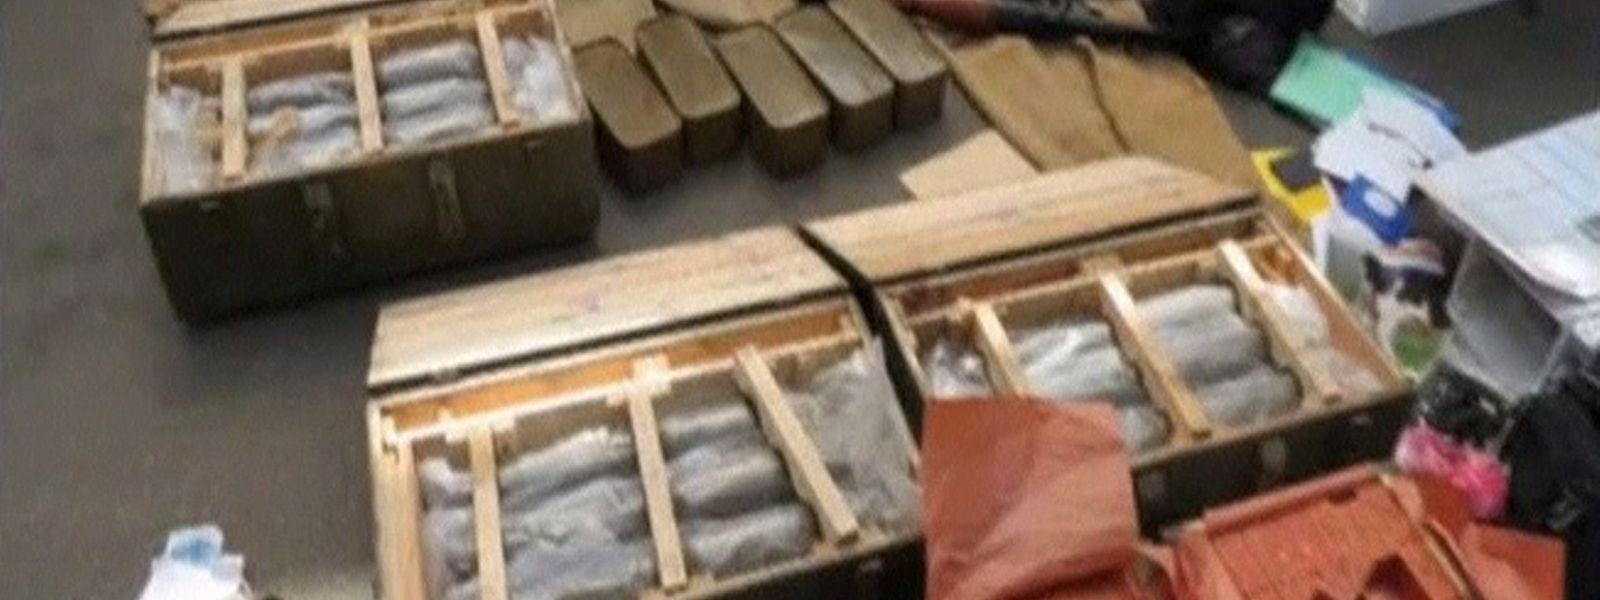 Dieses Foto, das der ukrainische Geheimdienst veröffentlichte, zeigt die konfiszierten Waffen.